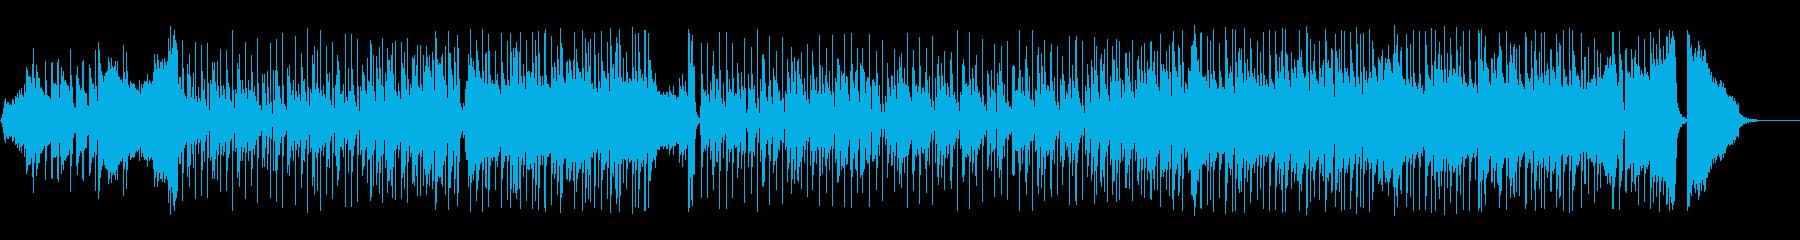 ナレーションのBGMに最適なピアノポップの再生済みの波形